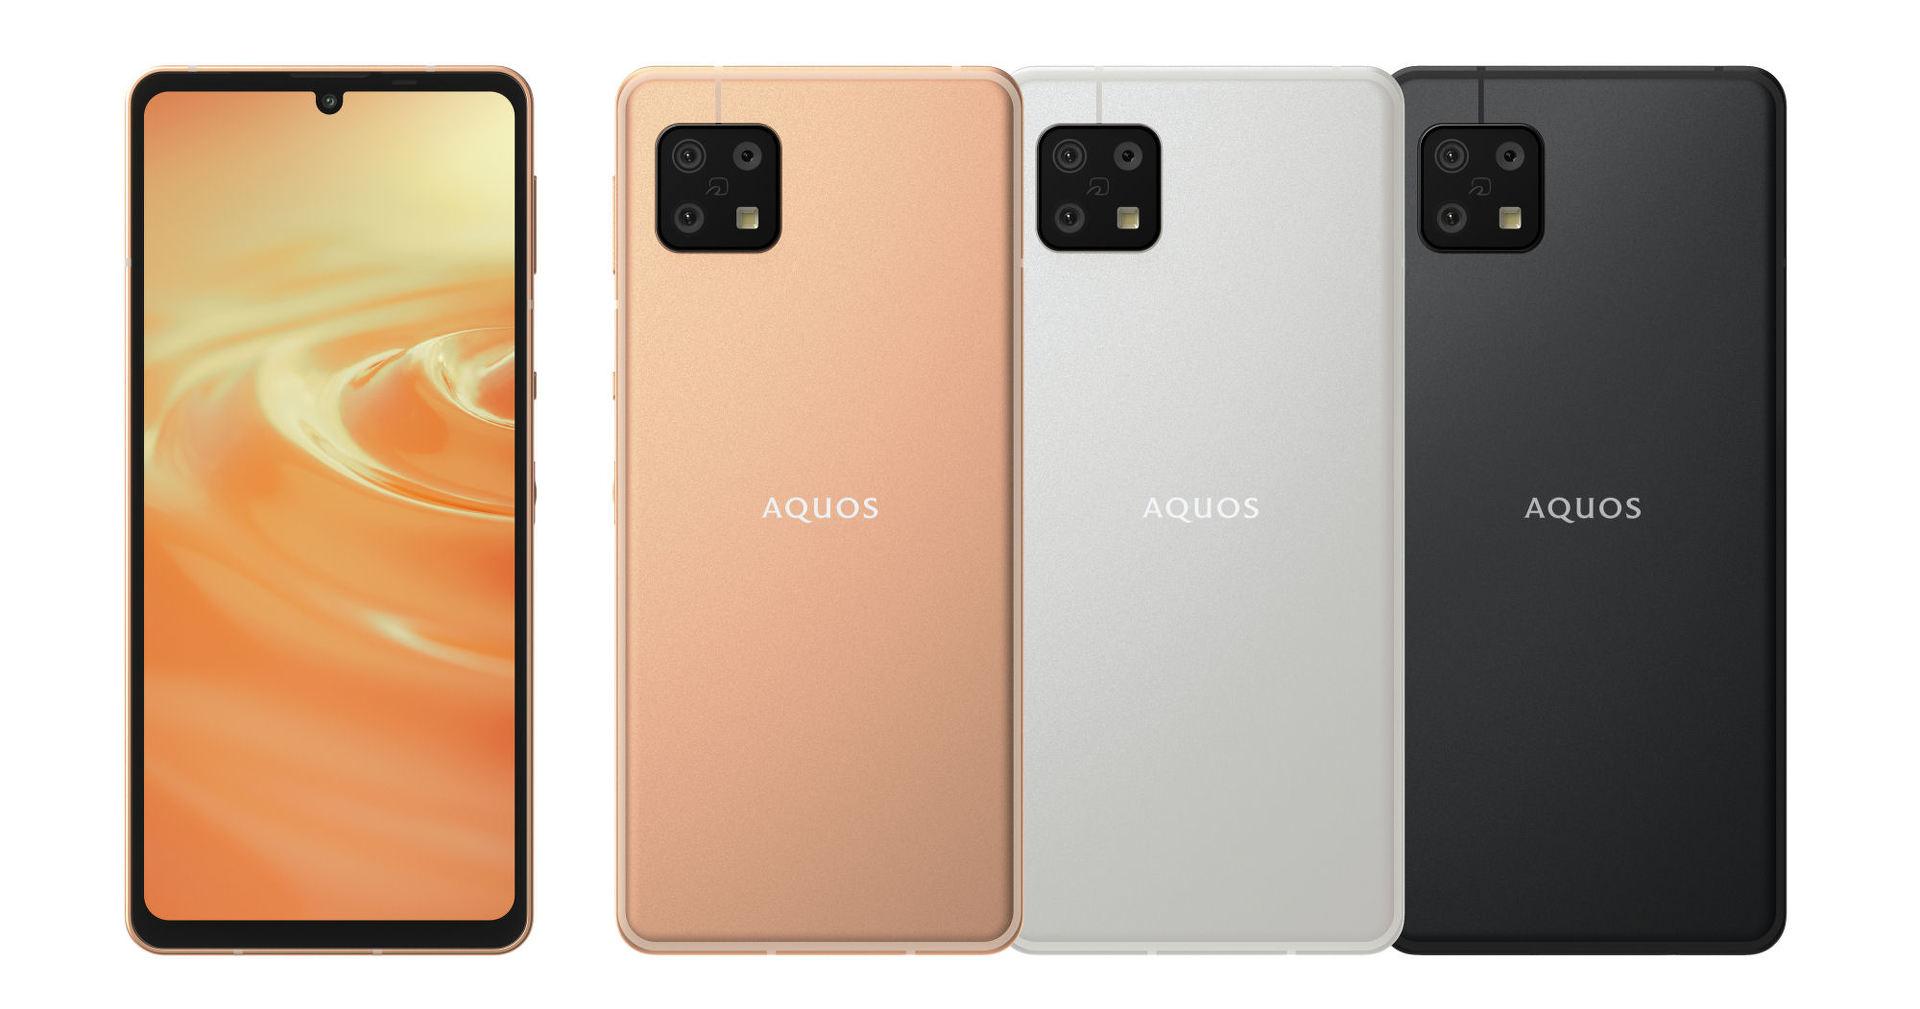 [ITmedia Mobile] シャープが「AQUOS sense6」発表 7.9mmの薄型ボディーにIGZO OLEDを搭載